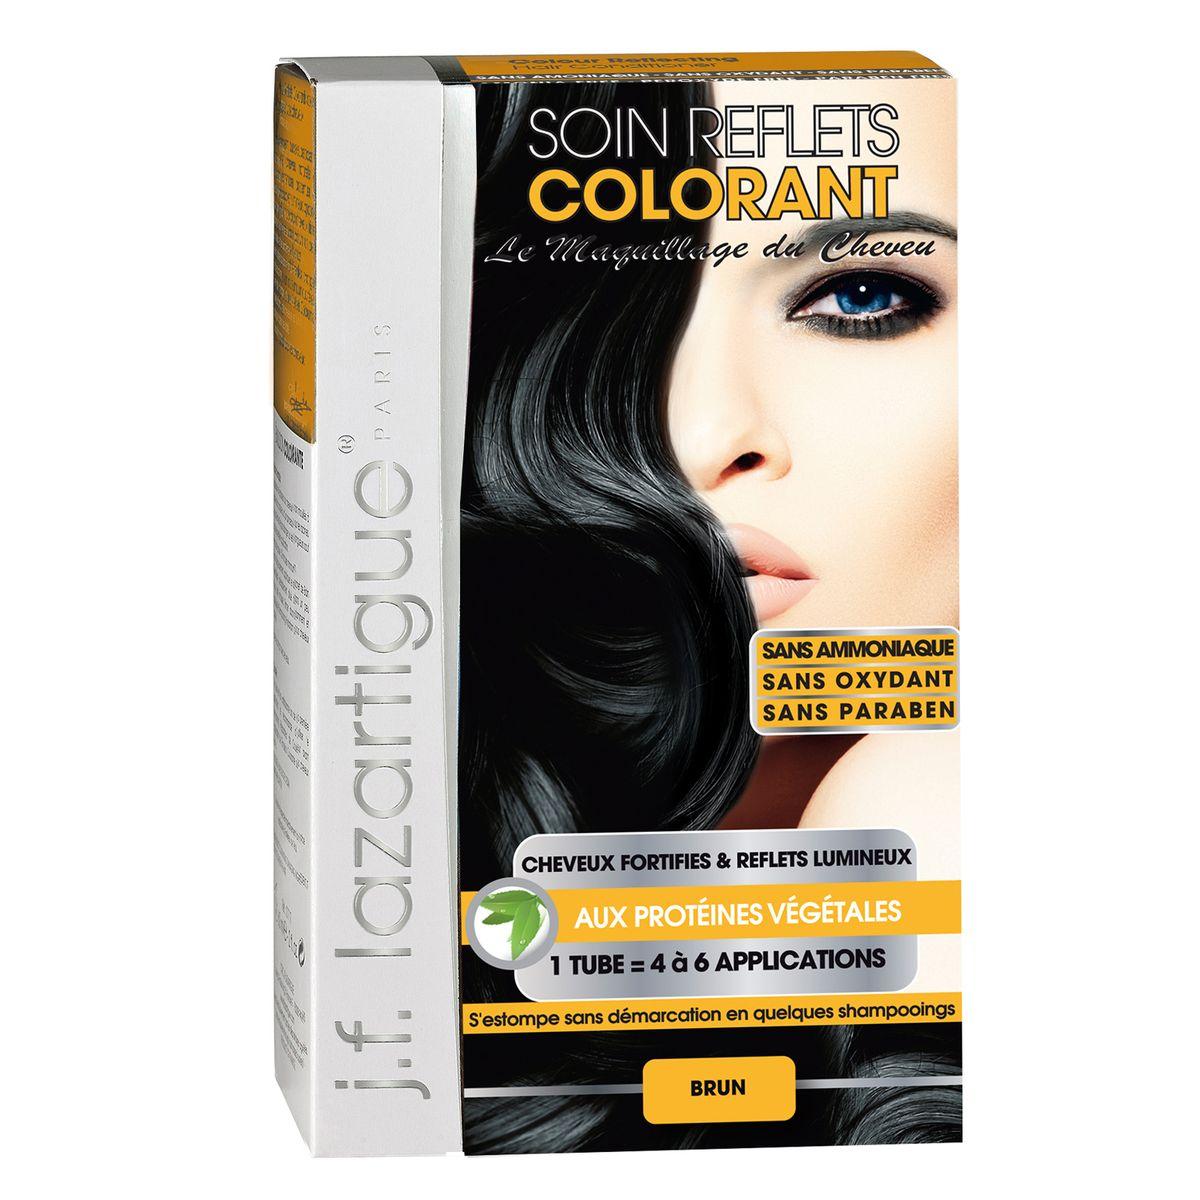 J.F.Lazartigue Оттеночный кондиционер для волос Черный 100 мл17583Оттеночный кондиционер J.F.LAZARTIGUE – это лечебный макияж для Ваших волос. Два эффекта: кондиционирование волос и легкий оттенок. Особенности: придает новый или более теплый (или холодный) оттенок, делает тон темнее или акцентирует цвет, оживляет естественный цвет или придает яркость тусклым и выцветшим на солнце волосам. Закрашивает небольшой процент седины! После мытья волос шампунем (3-6 раз) смывается. Для достижения индивидуального оттенка можно смешать два разных кондиционера: добавить к выбранному ТЕМНЫЙ РЫЖИЙ (Auburn), МЕДНЫЙ (Copper) и т.п. Не осветляет волосы. Не содержит аммиака и перекиси водорода. Не содержит парабенов. Не предназначен для окрашивания бровей и ресниц.